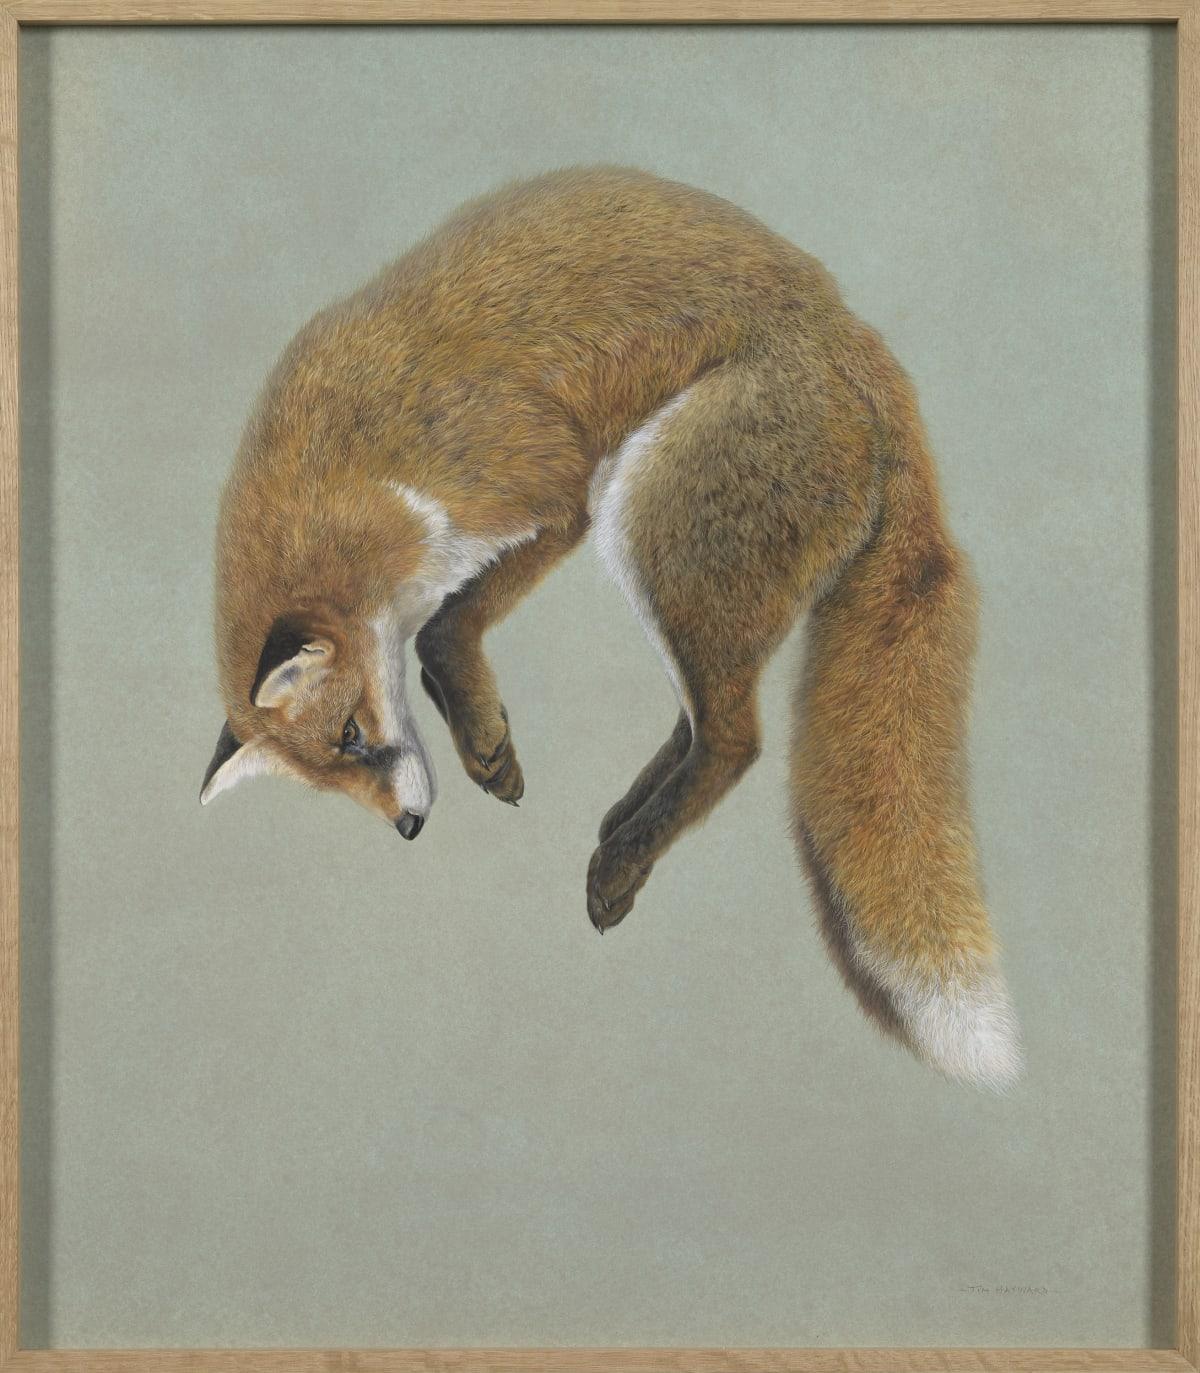 Fox pounce, 2021